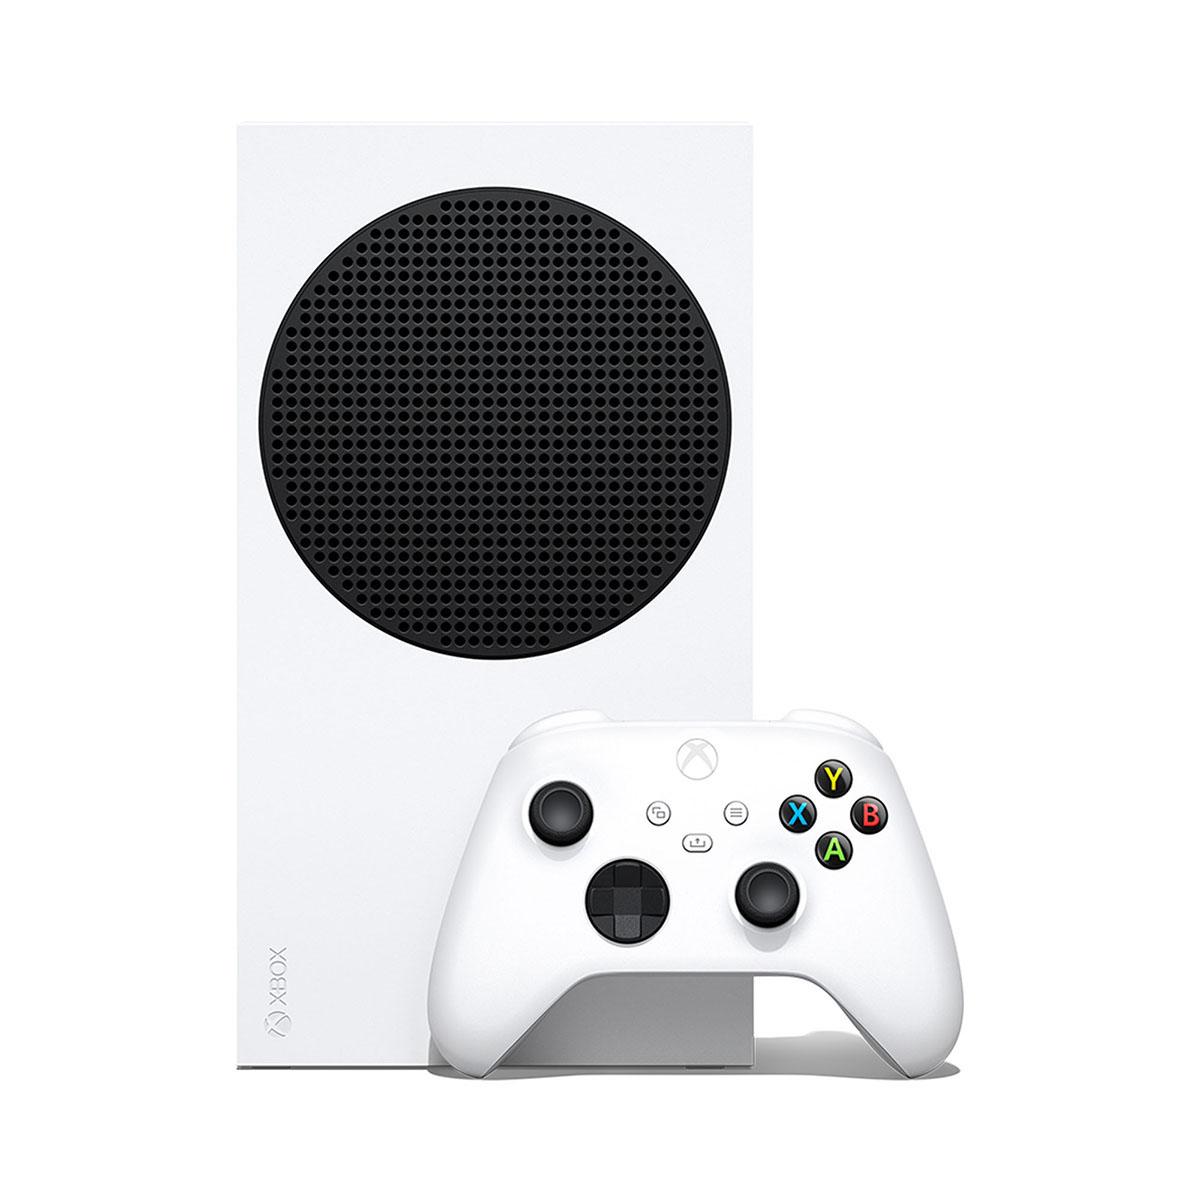 Xbox Series S z kontrolerem (padem) - widok z przodu